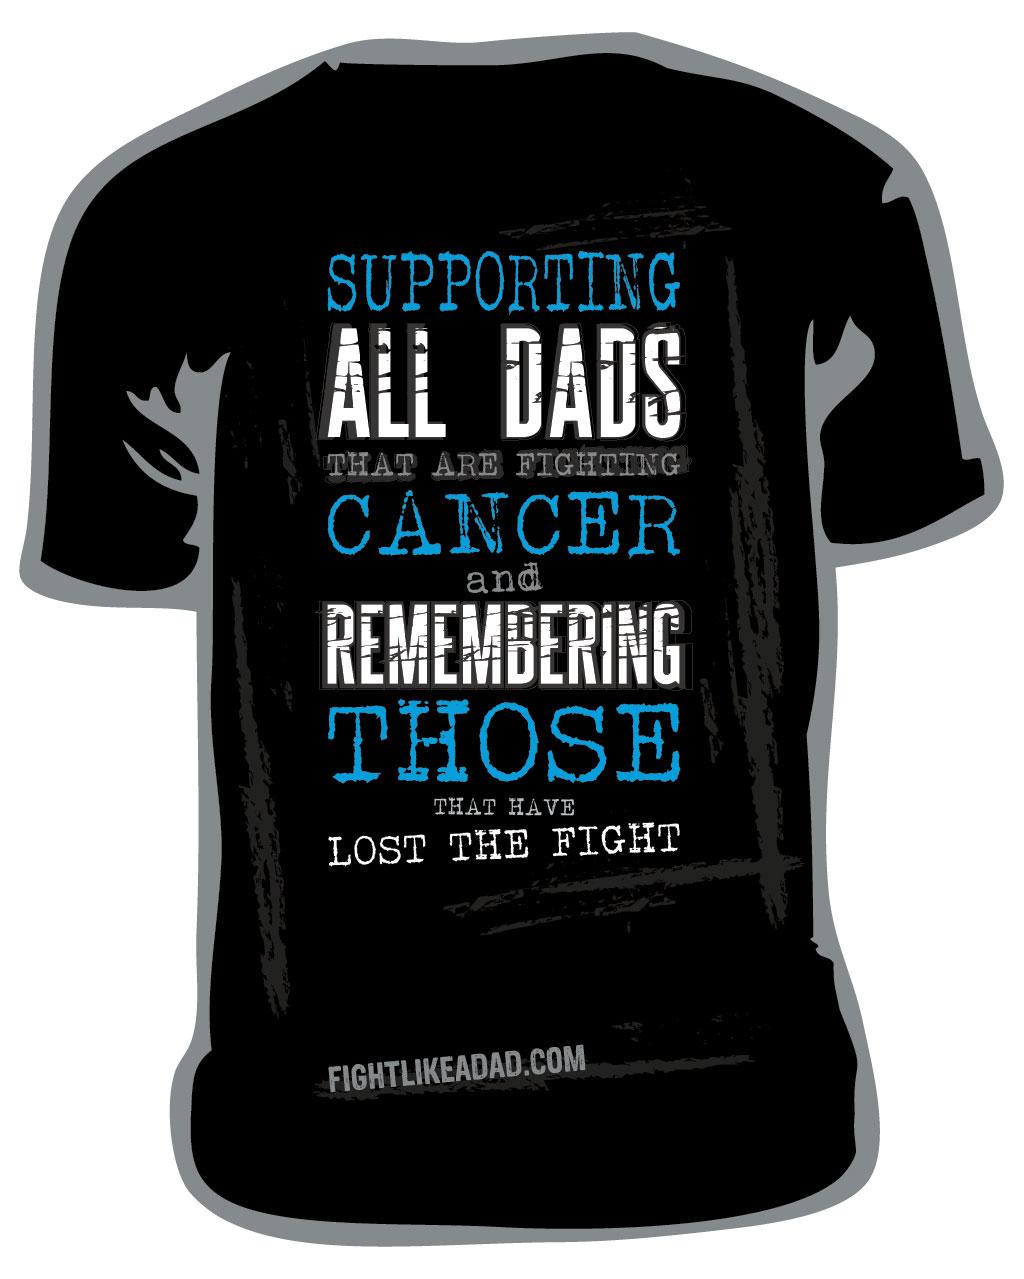 Fight like a Dad tshirt